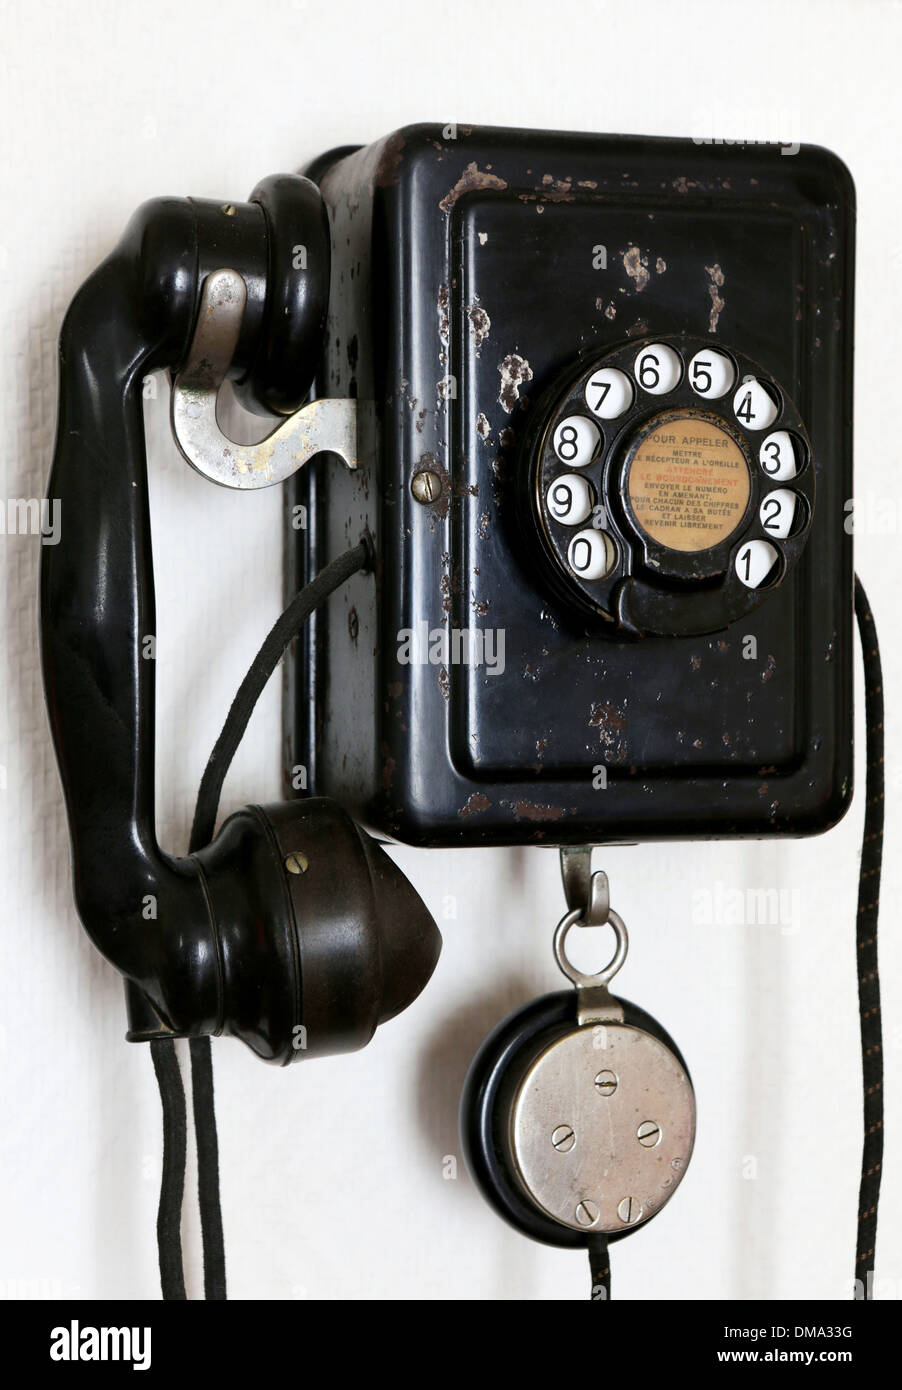 Objeto antiguo: negro teléfono en una pared. Imagen De Stock